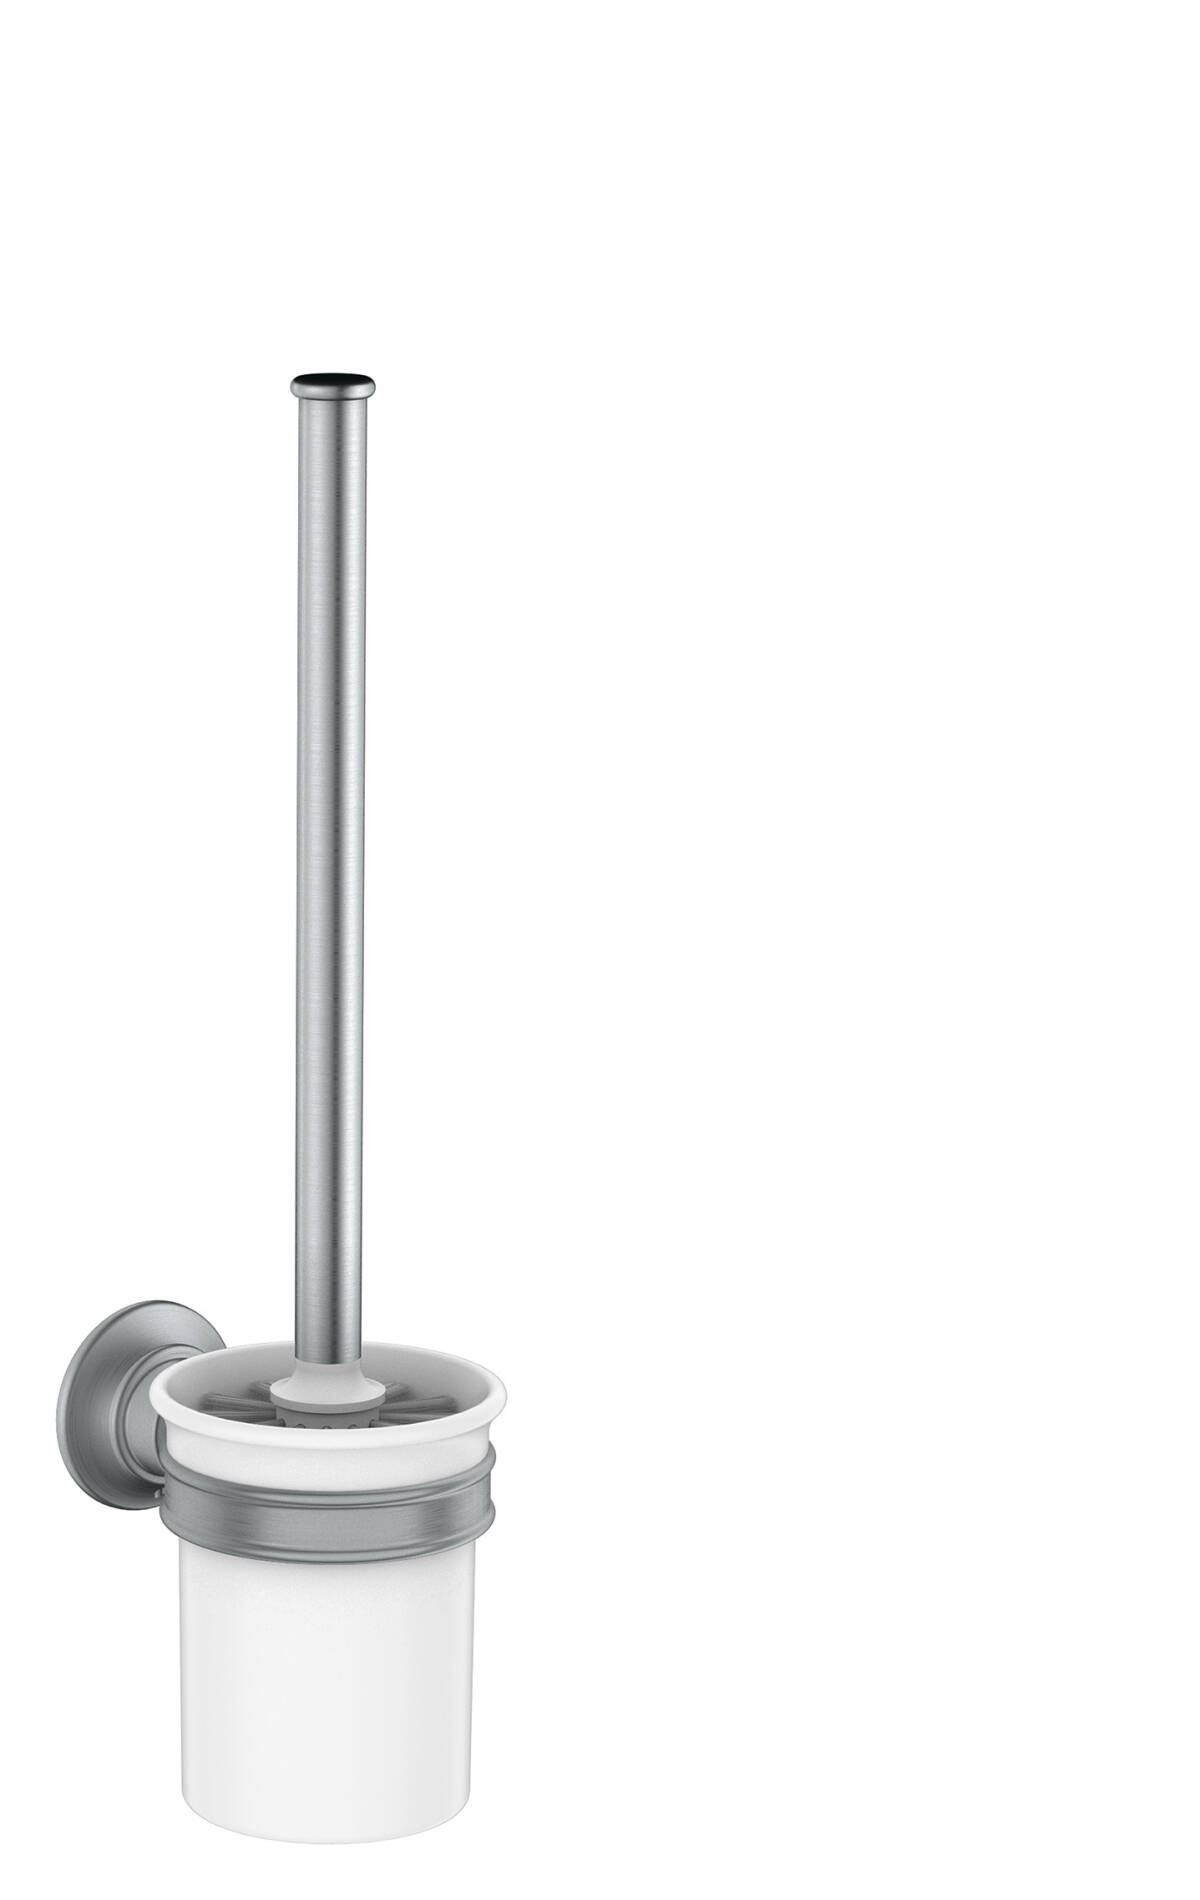 Toilet brush holder wall-mounted, Brushed Chrome, 42035260